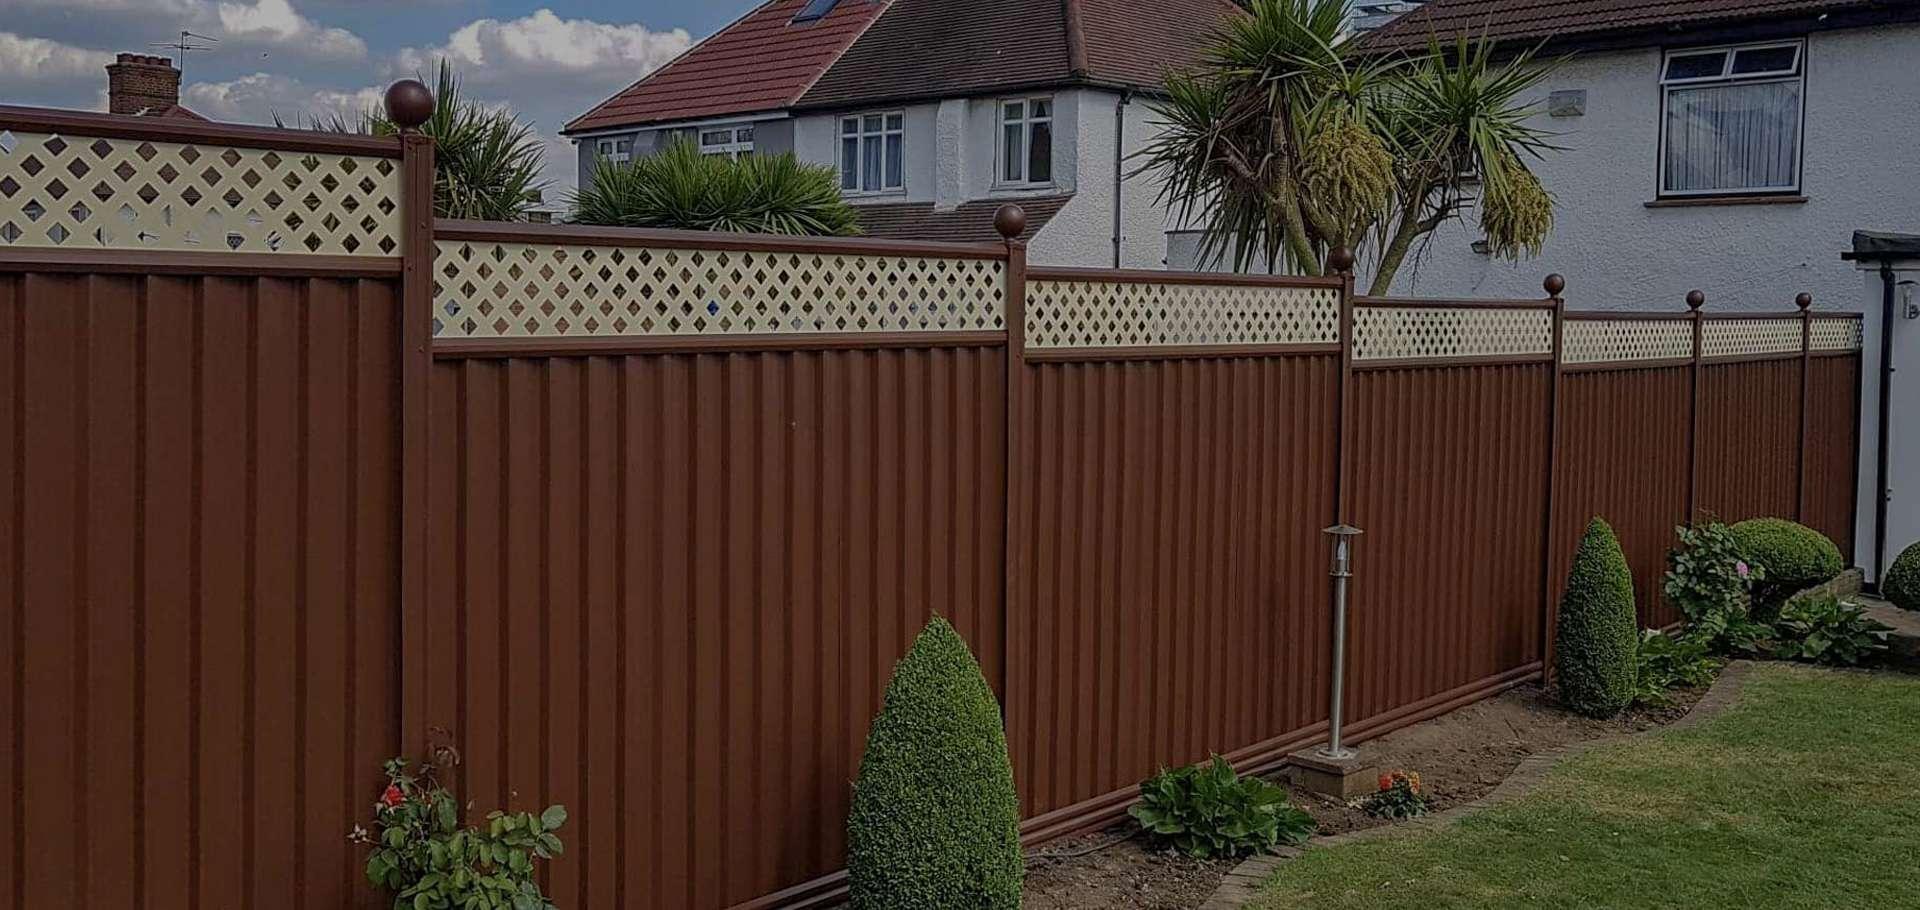 garden fencing leighton buzzard